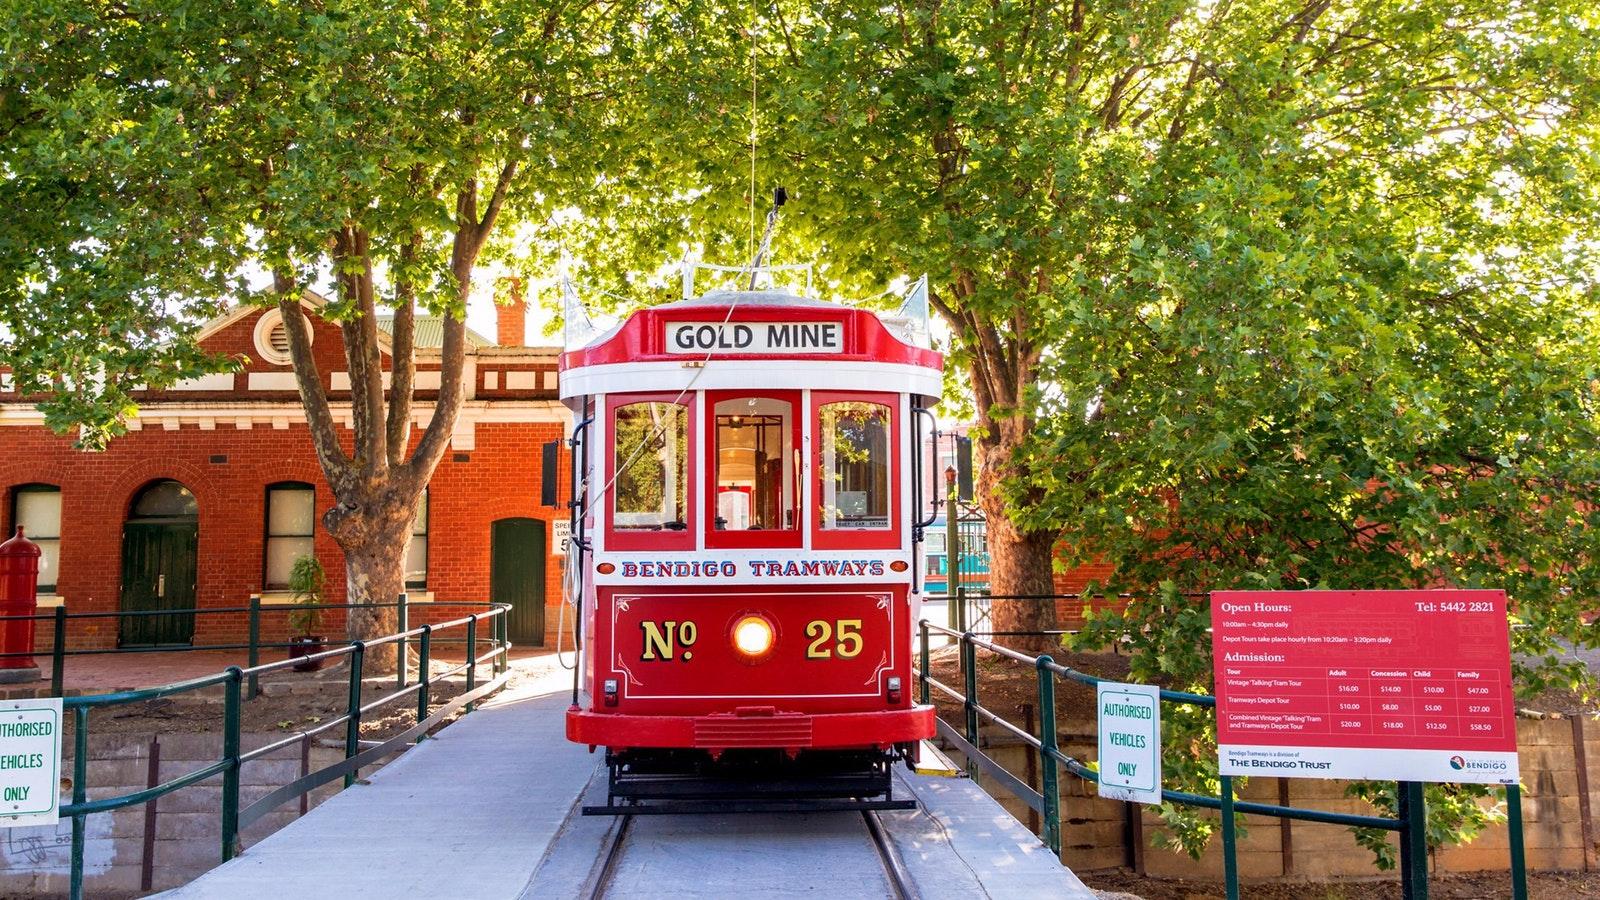 Bendigo Tramways - Tram No. 25